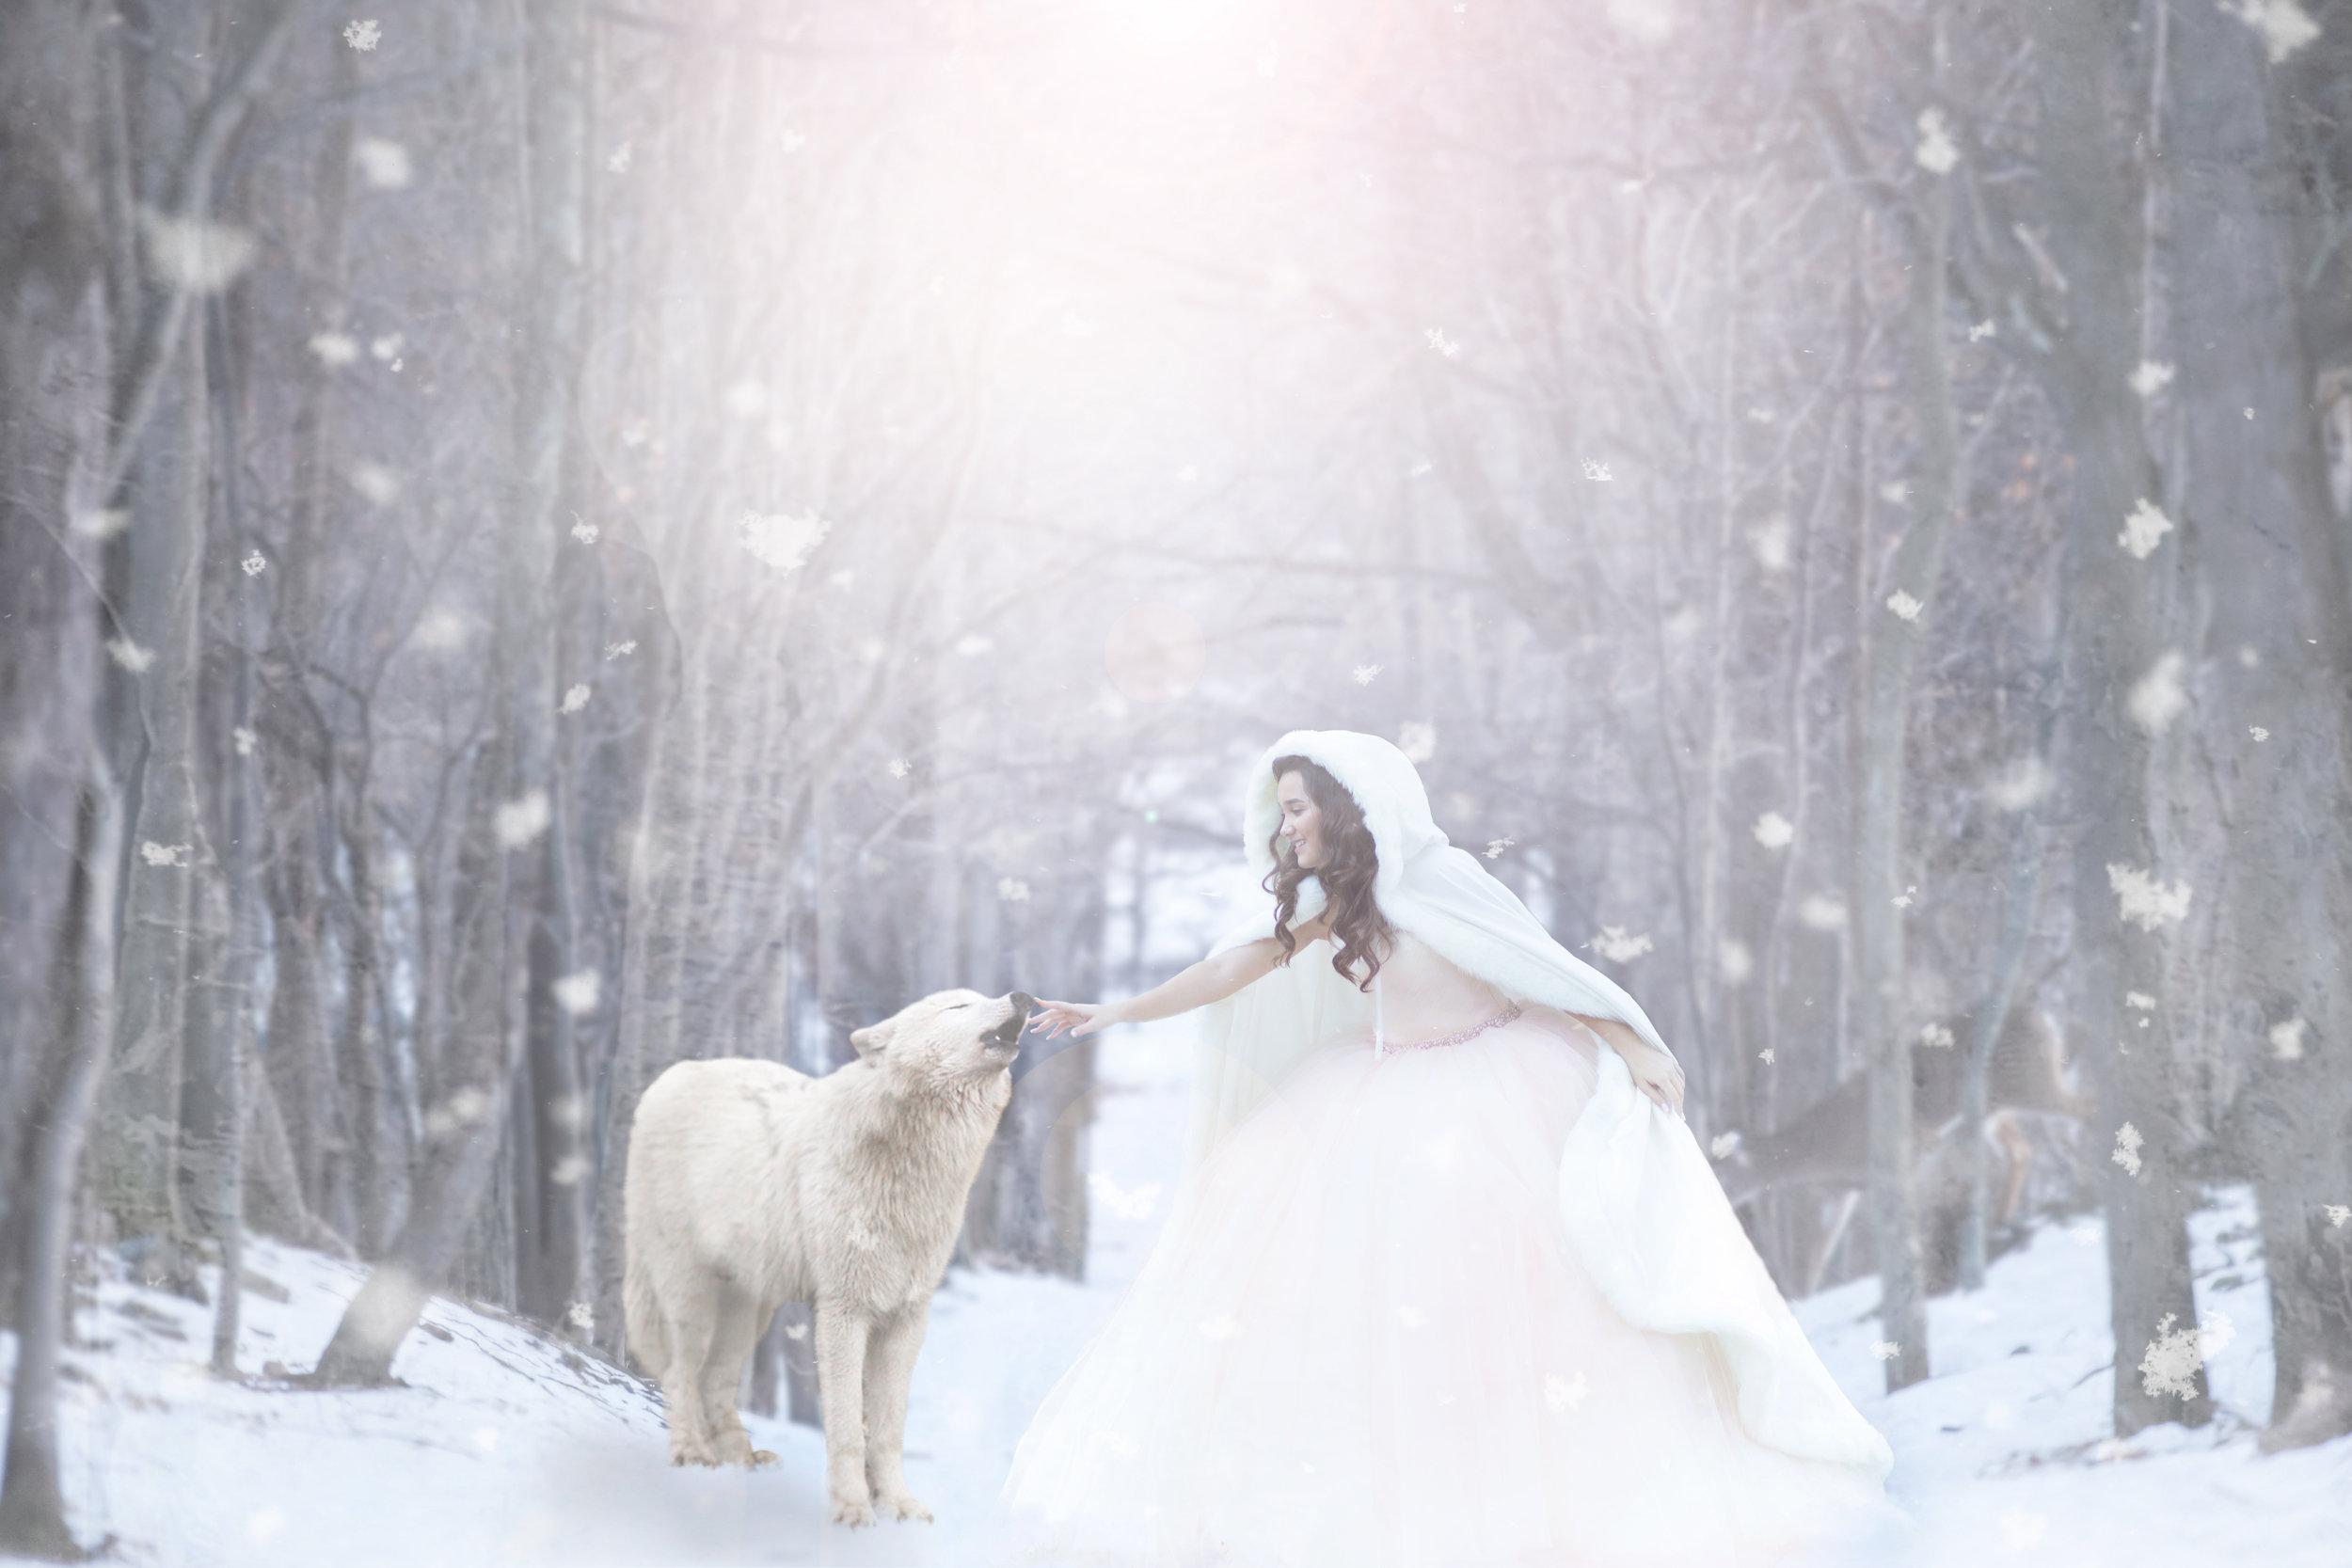 Hazel-+Quincenera+White+Wonderland-17.jpg